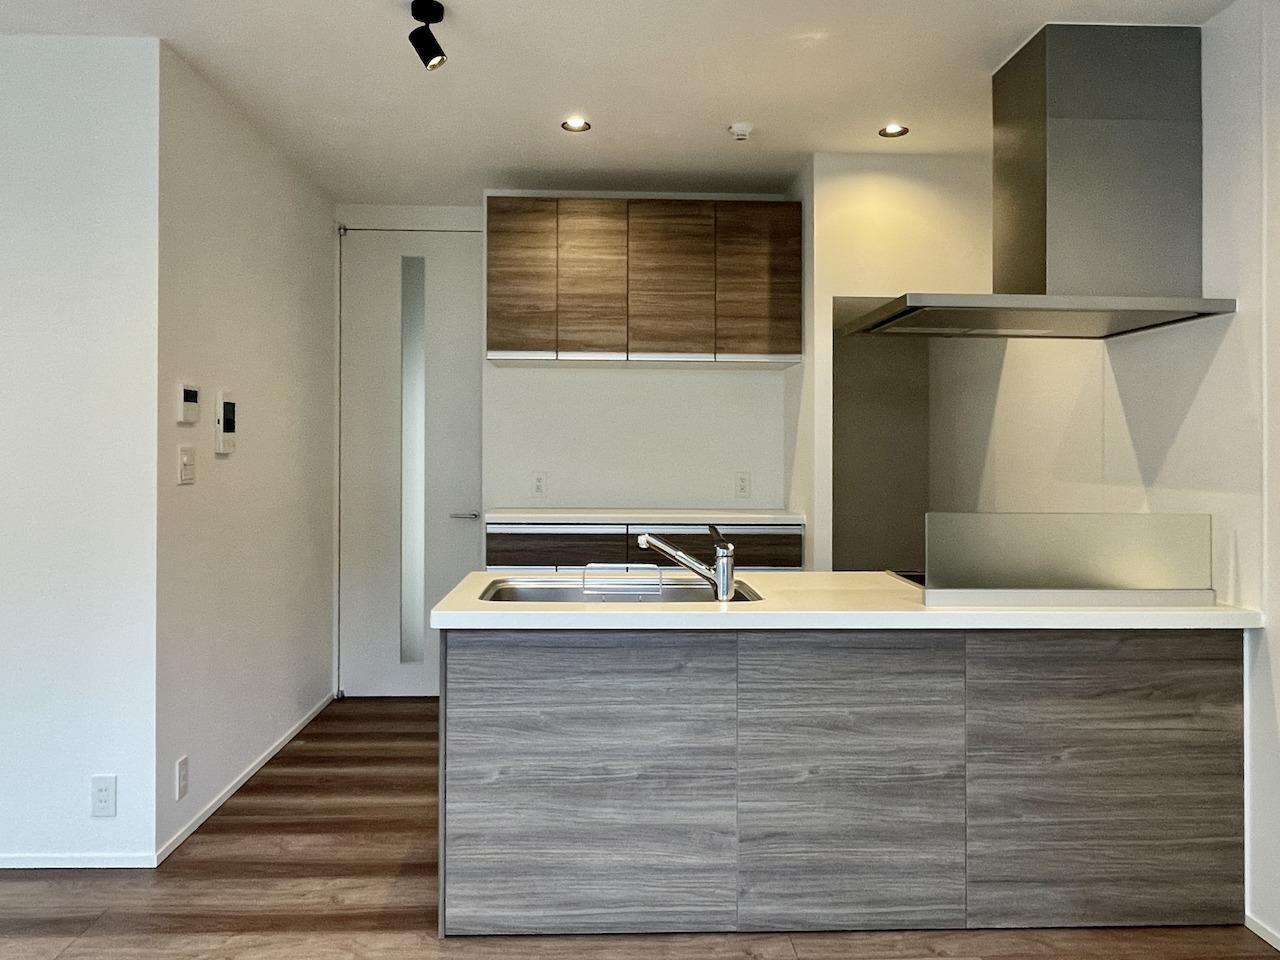 対面式キッチン。